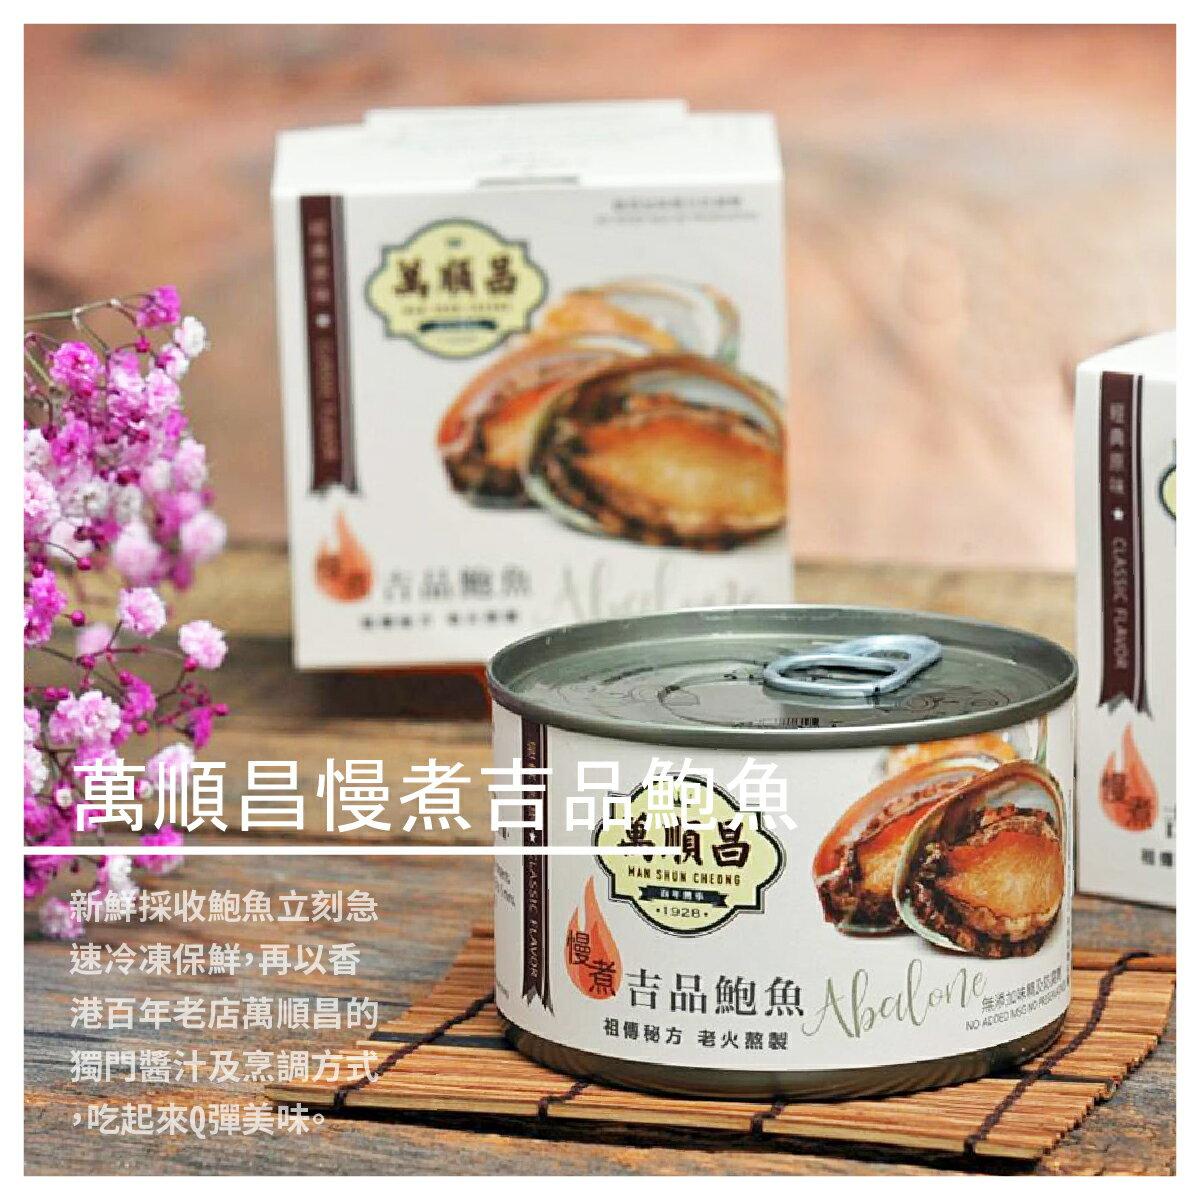 渼物市集 【萬順昌】萬順昌慢煮吉品鮑魚/ 單罐